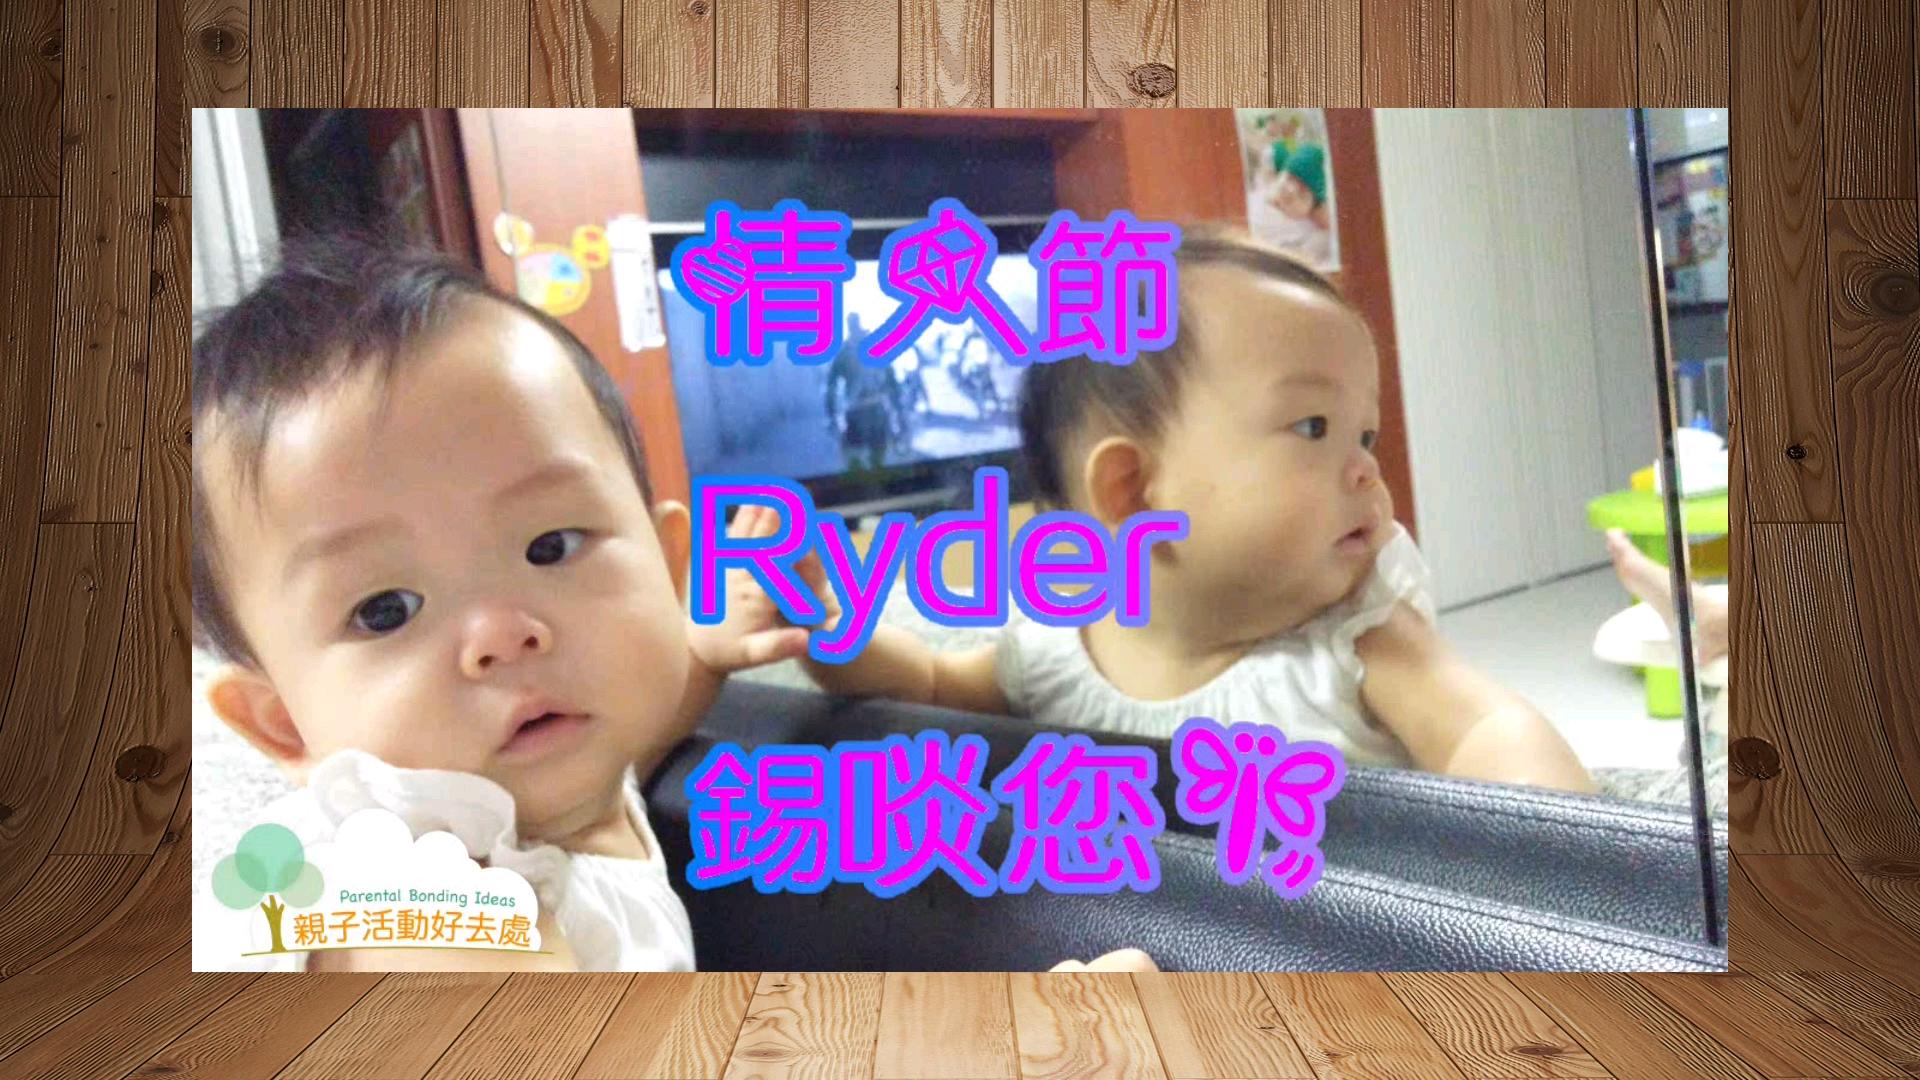 Ryder 錫晒你!